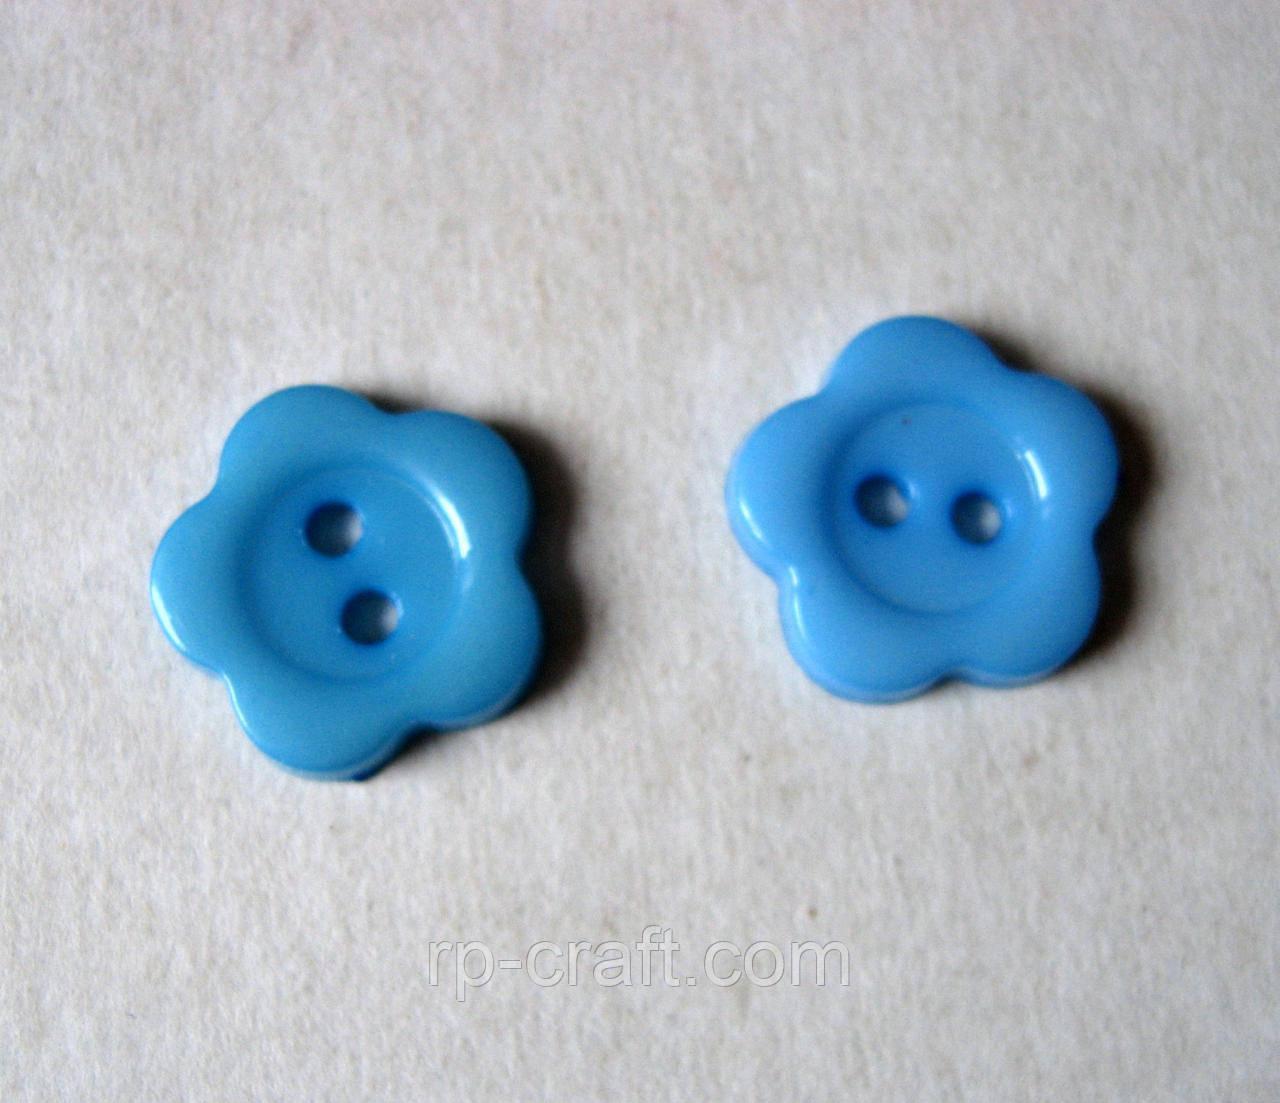 Пуговица пластиковая, декоративная. Цветок синий, 13 мм